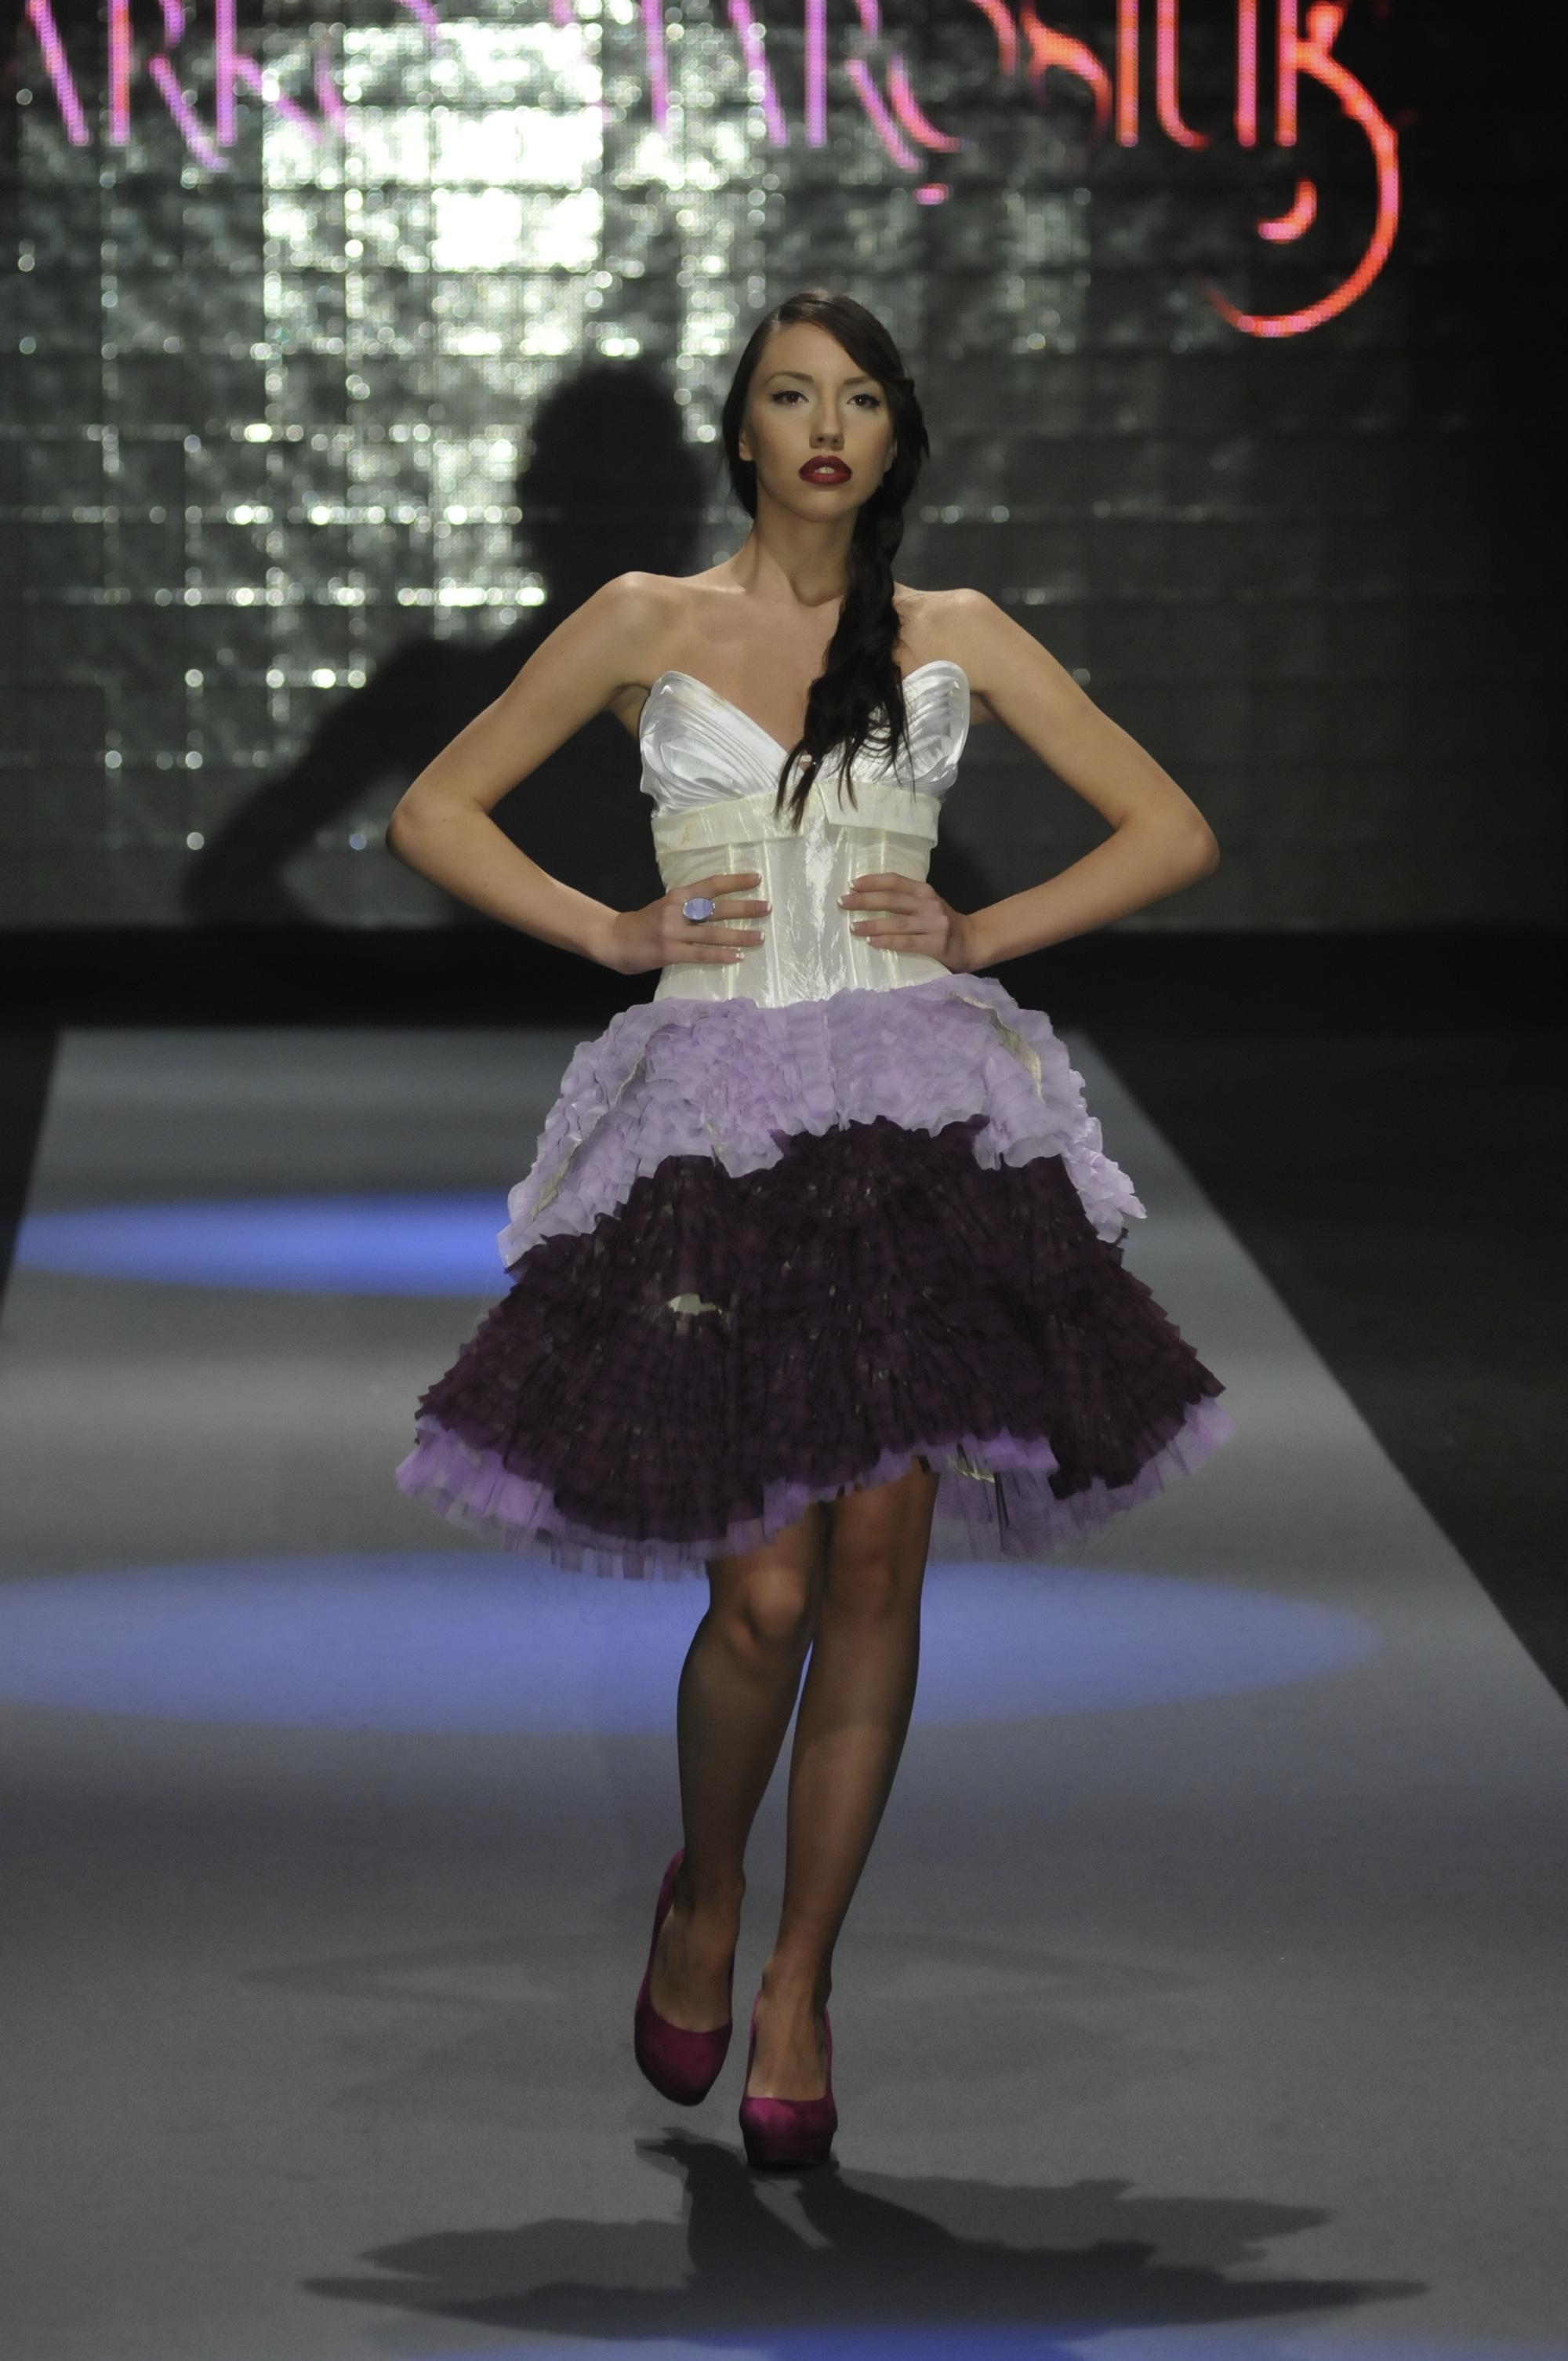 markomarosiuk2 Peto veče 30.Amstel Fashion Week a